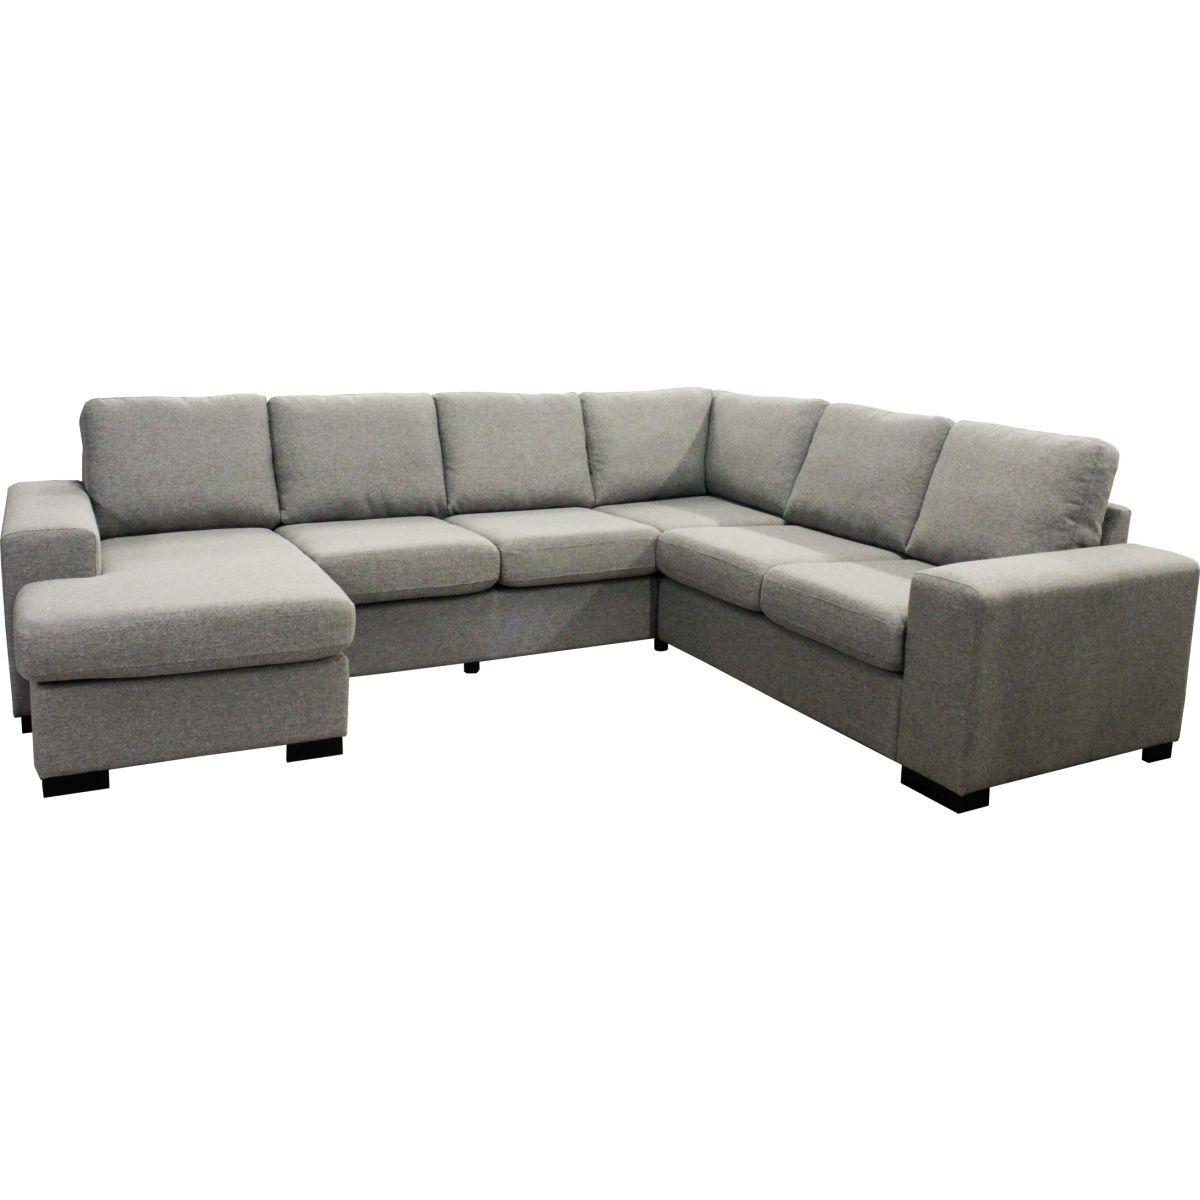 sofa billigt til salg lazy boy sleeper twin hjørnesofa med sjeselong